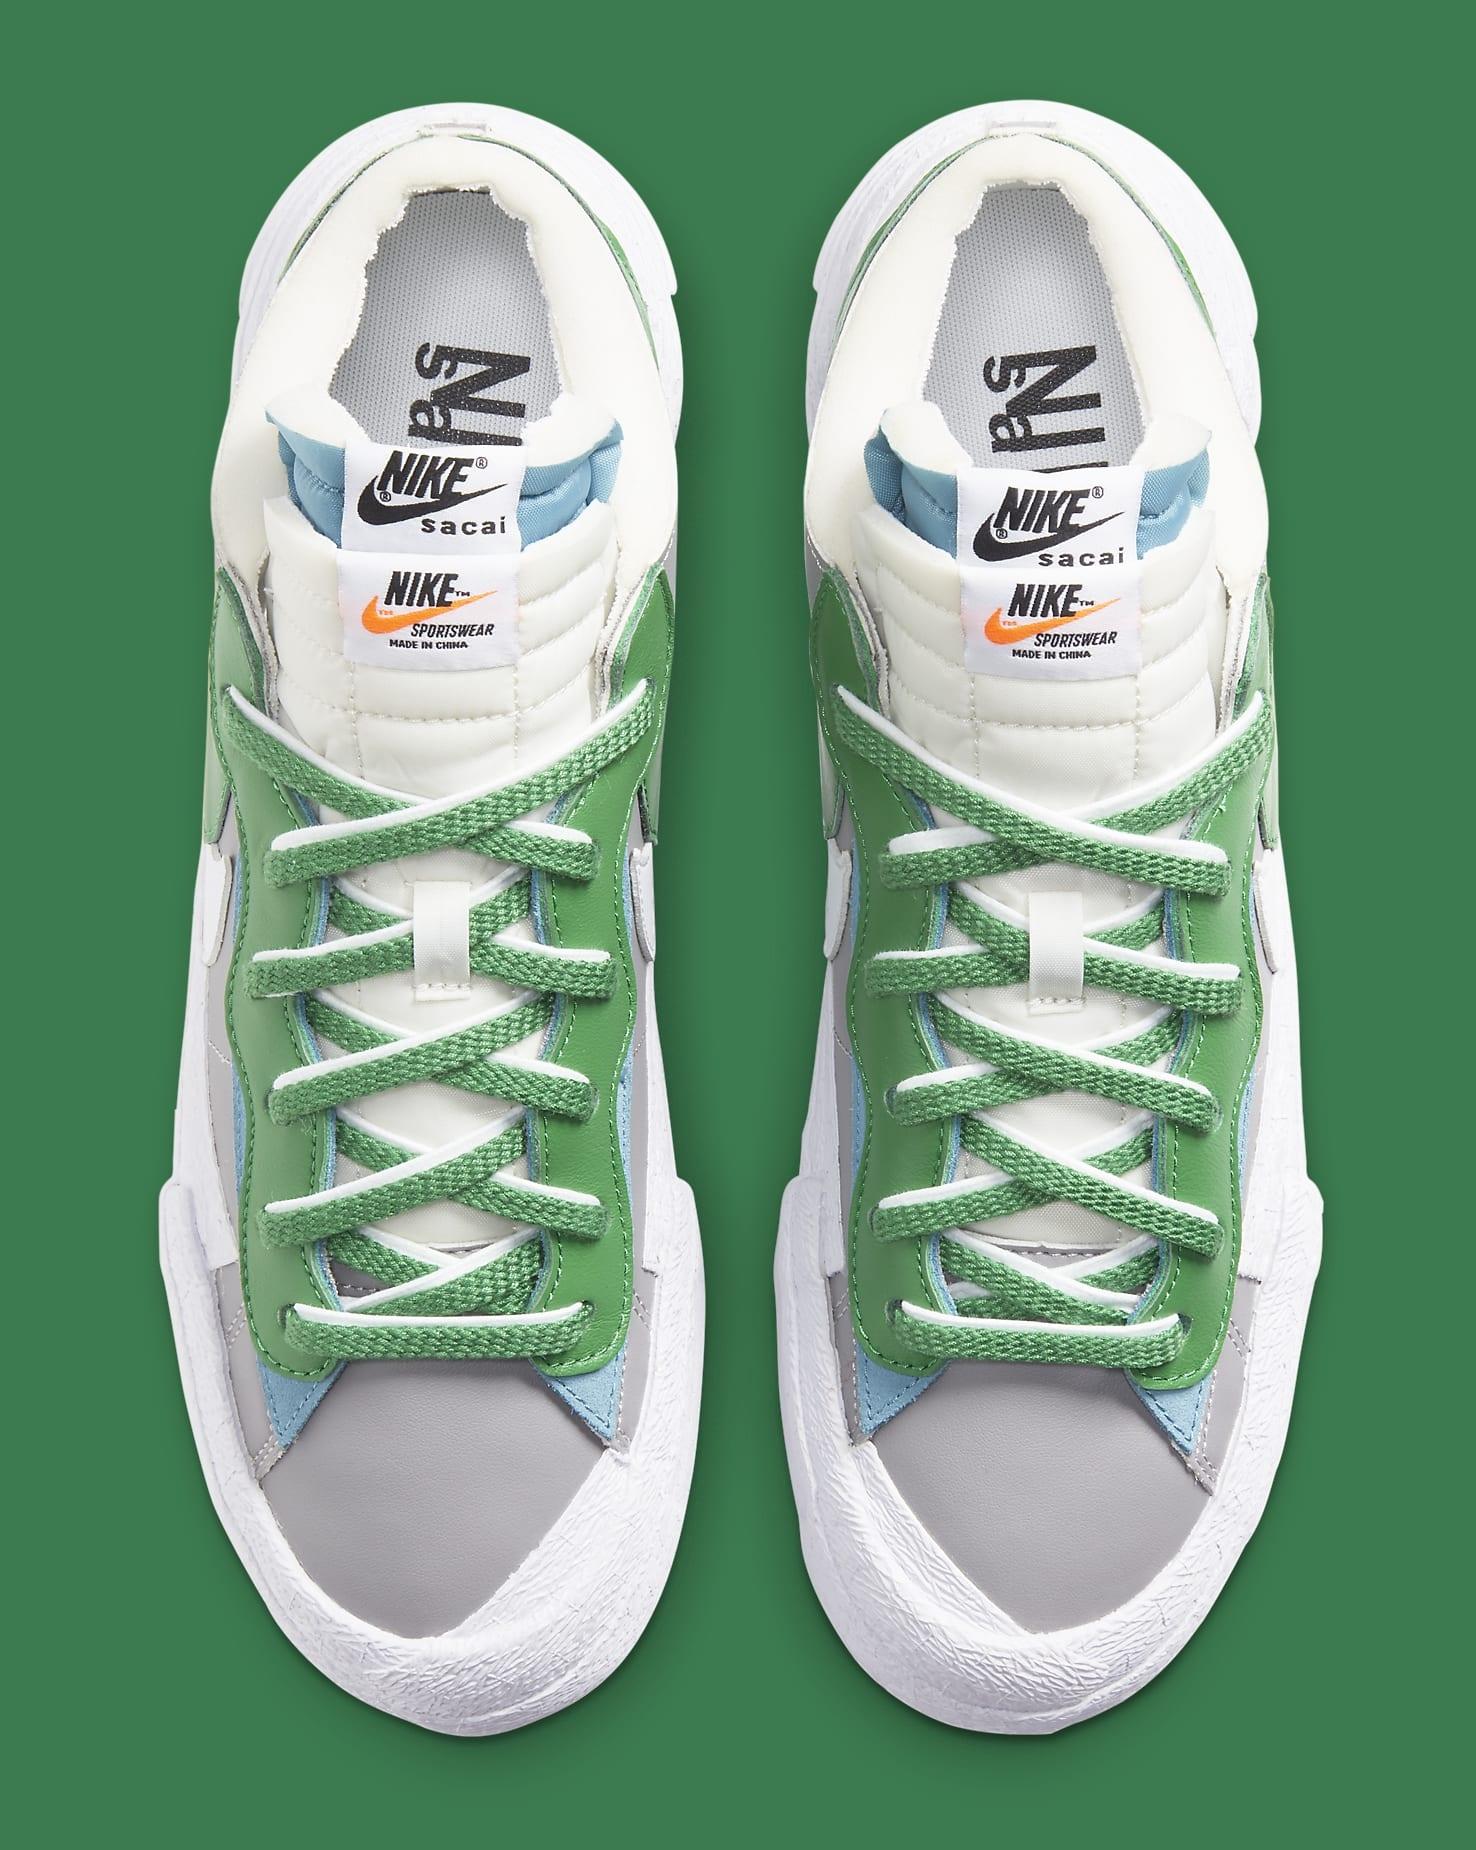 Sacai x Nike Blazer Low 'Classic Green' DD1877-001 Top